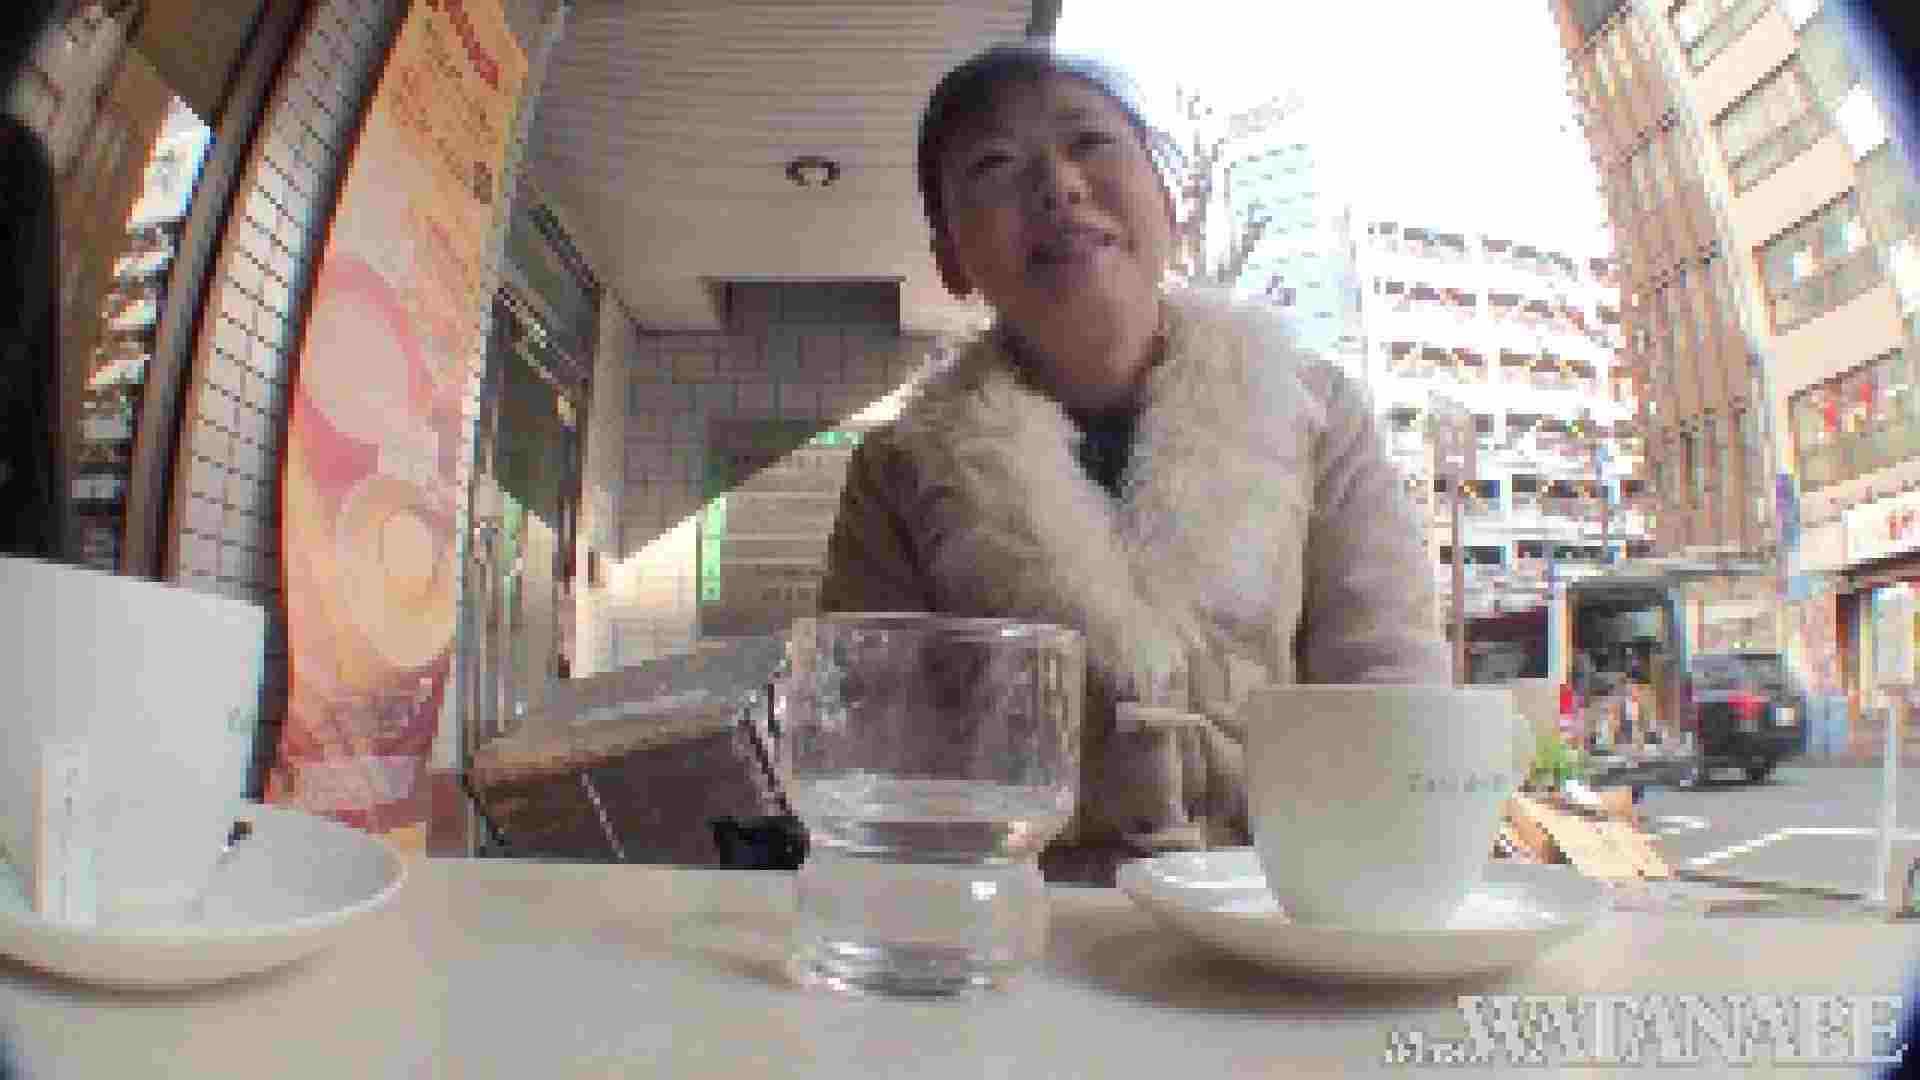 撮影スタッフを誘惑する痴熟女 かおり40歳 Vol.01 素人 | HなOL  67pic 41